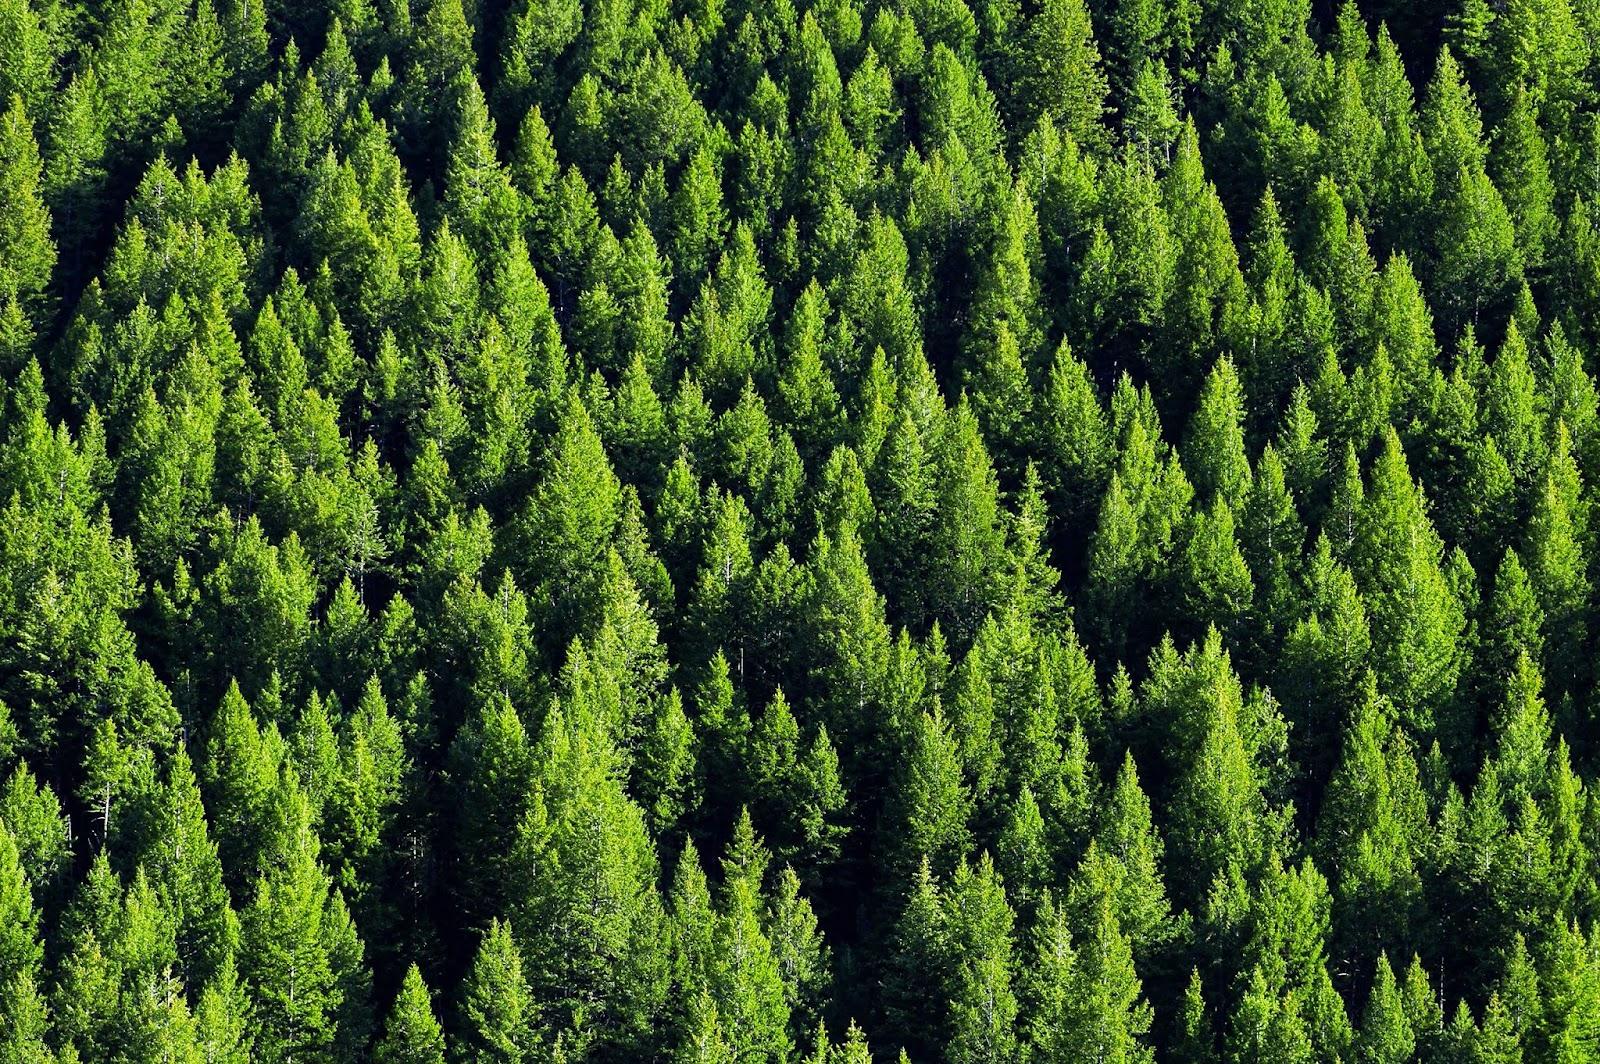 Le Idrostufe A Pellet : Fiamma verde maggio